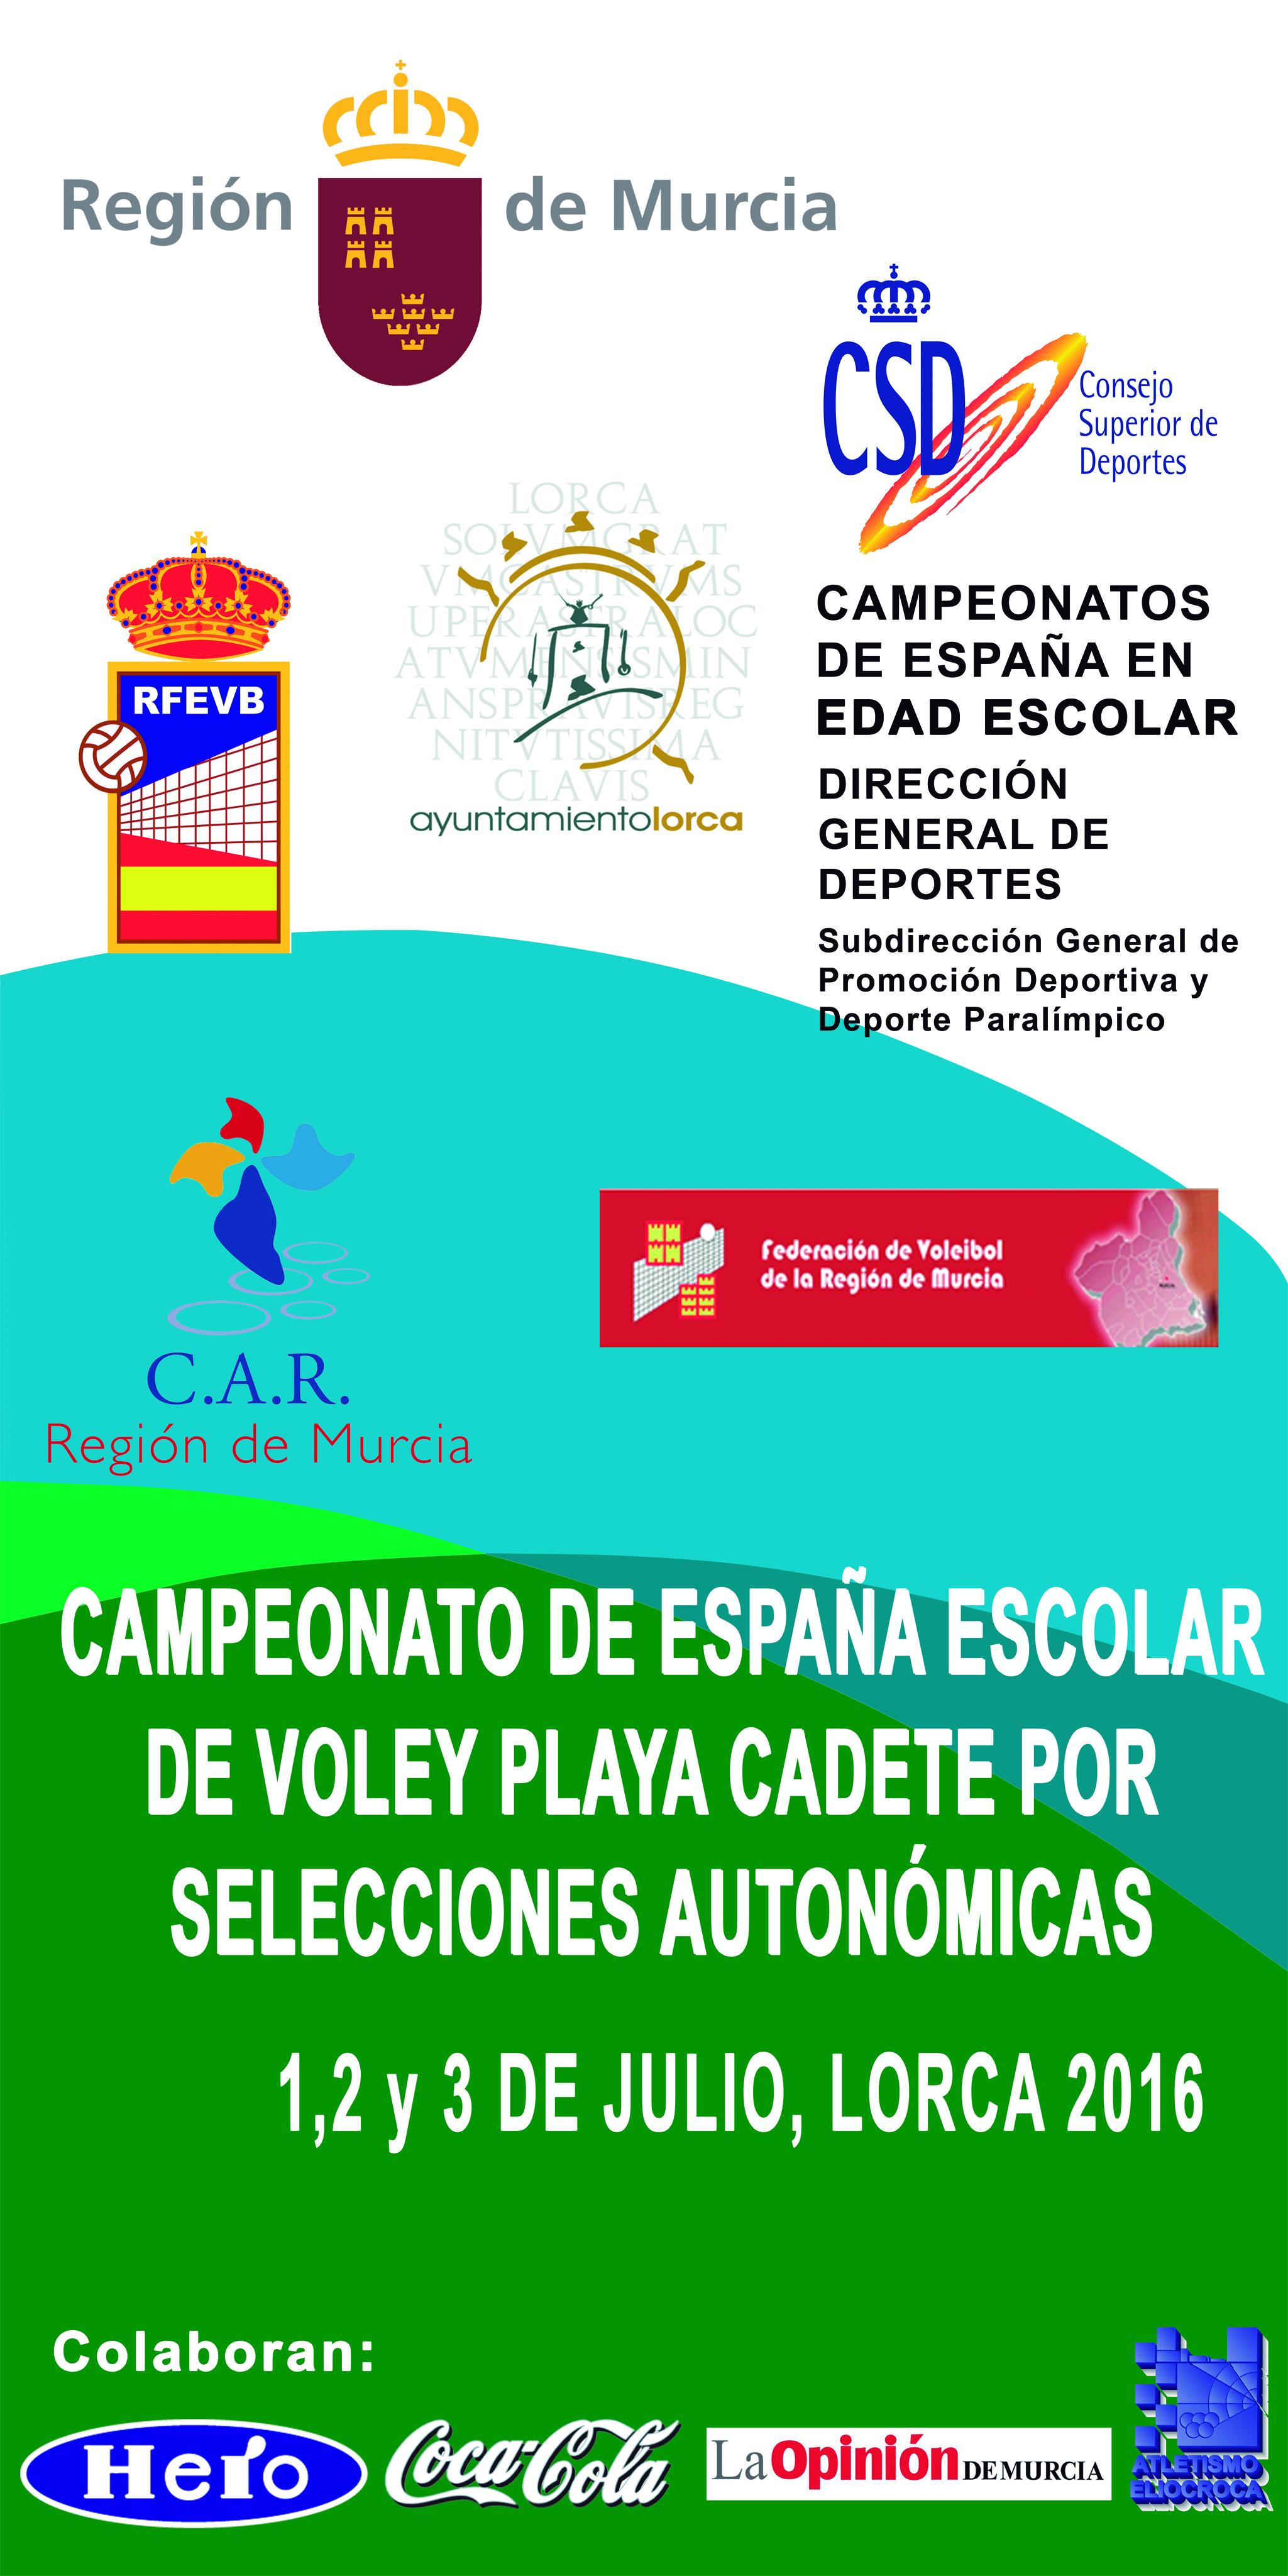 CAMPEONATO DE ESPA�A EN EDAD ESCOLAR